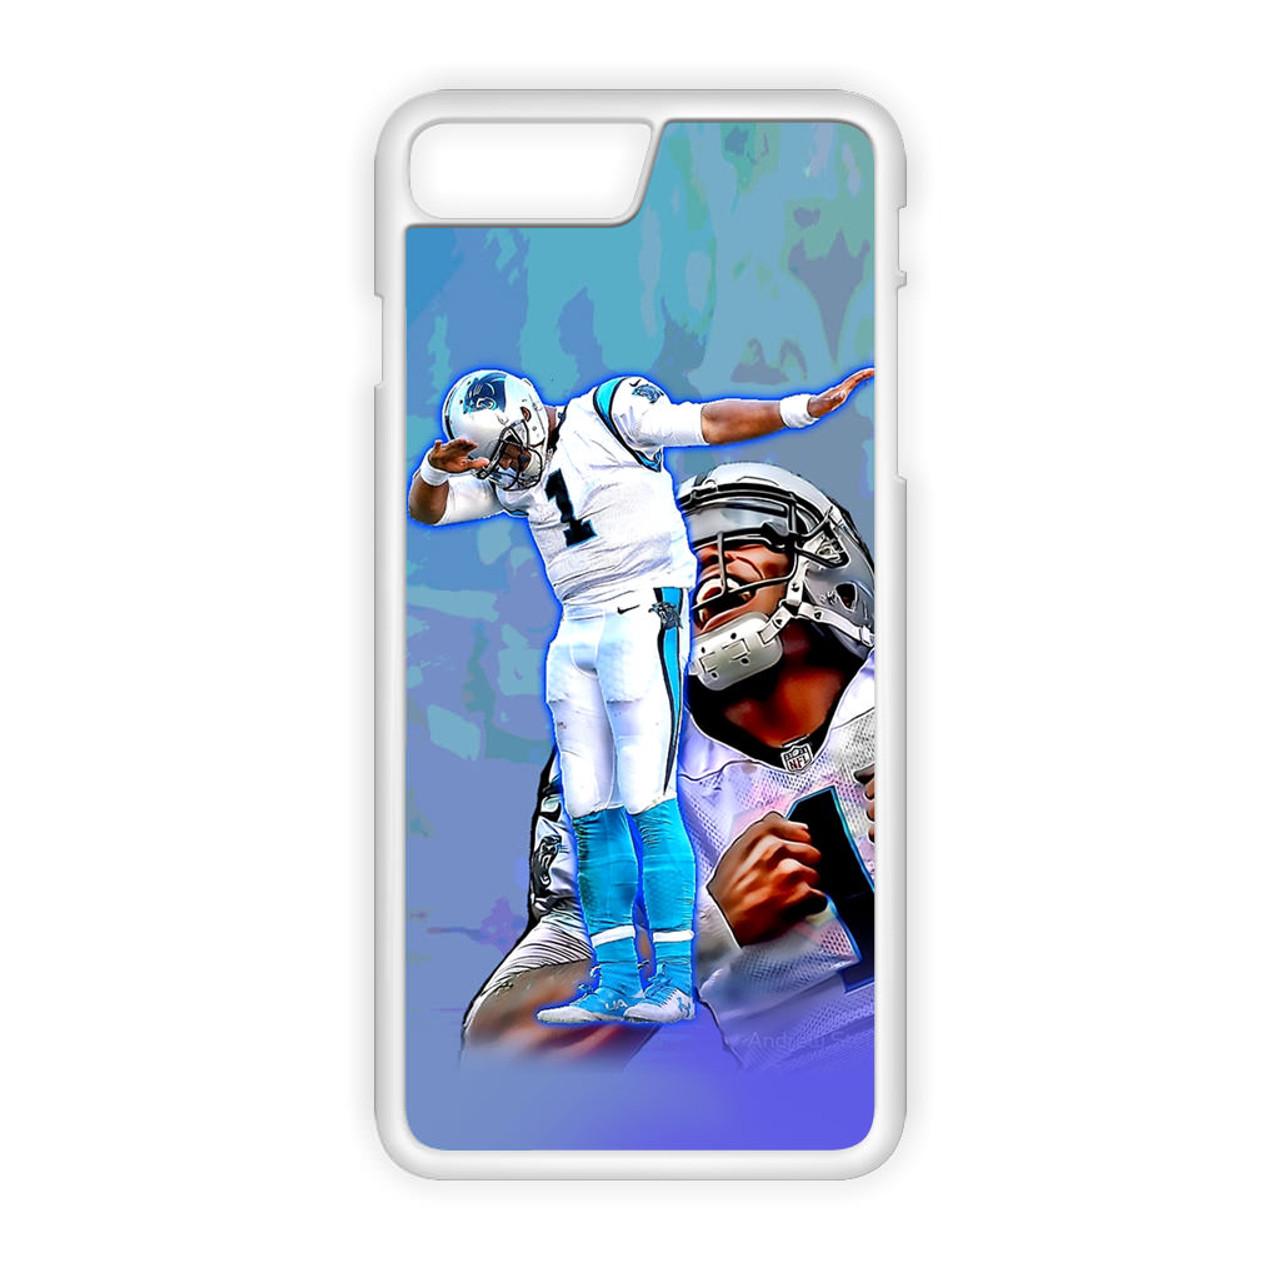 Cam Newton Dab 4 iphone case